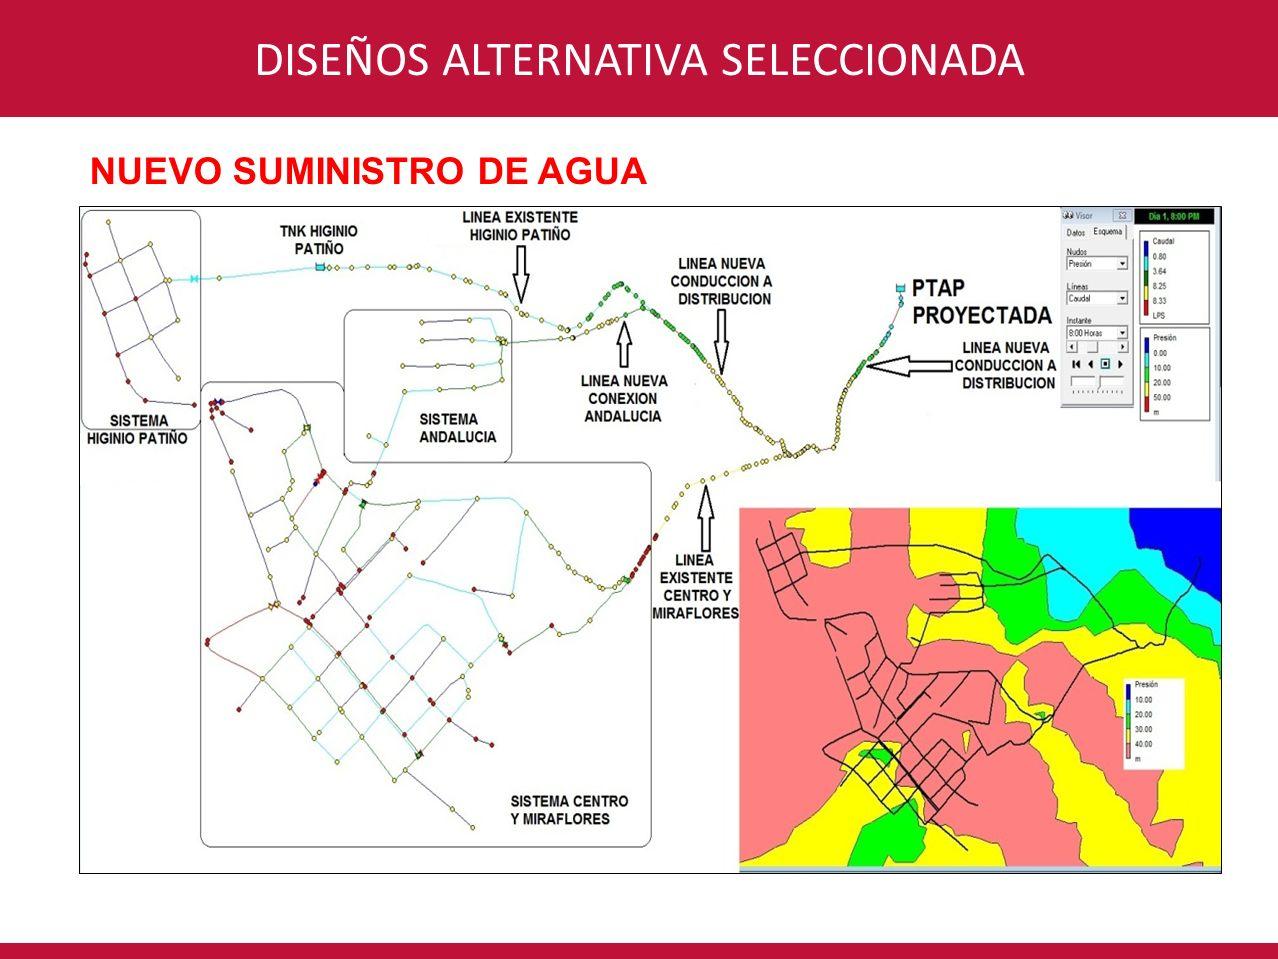 CONSORCIO INTERVENTORÍA POR UN NUEVO VALLEDISEÑOS ALTERNATIVA SELECCIONADA NUEVO SUMINISTRO DE AGUA